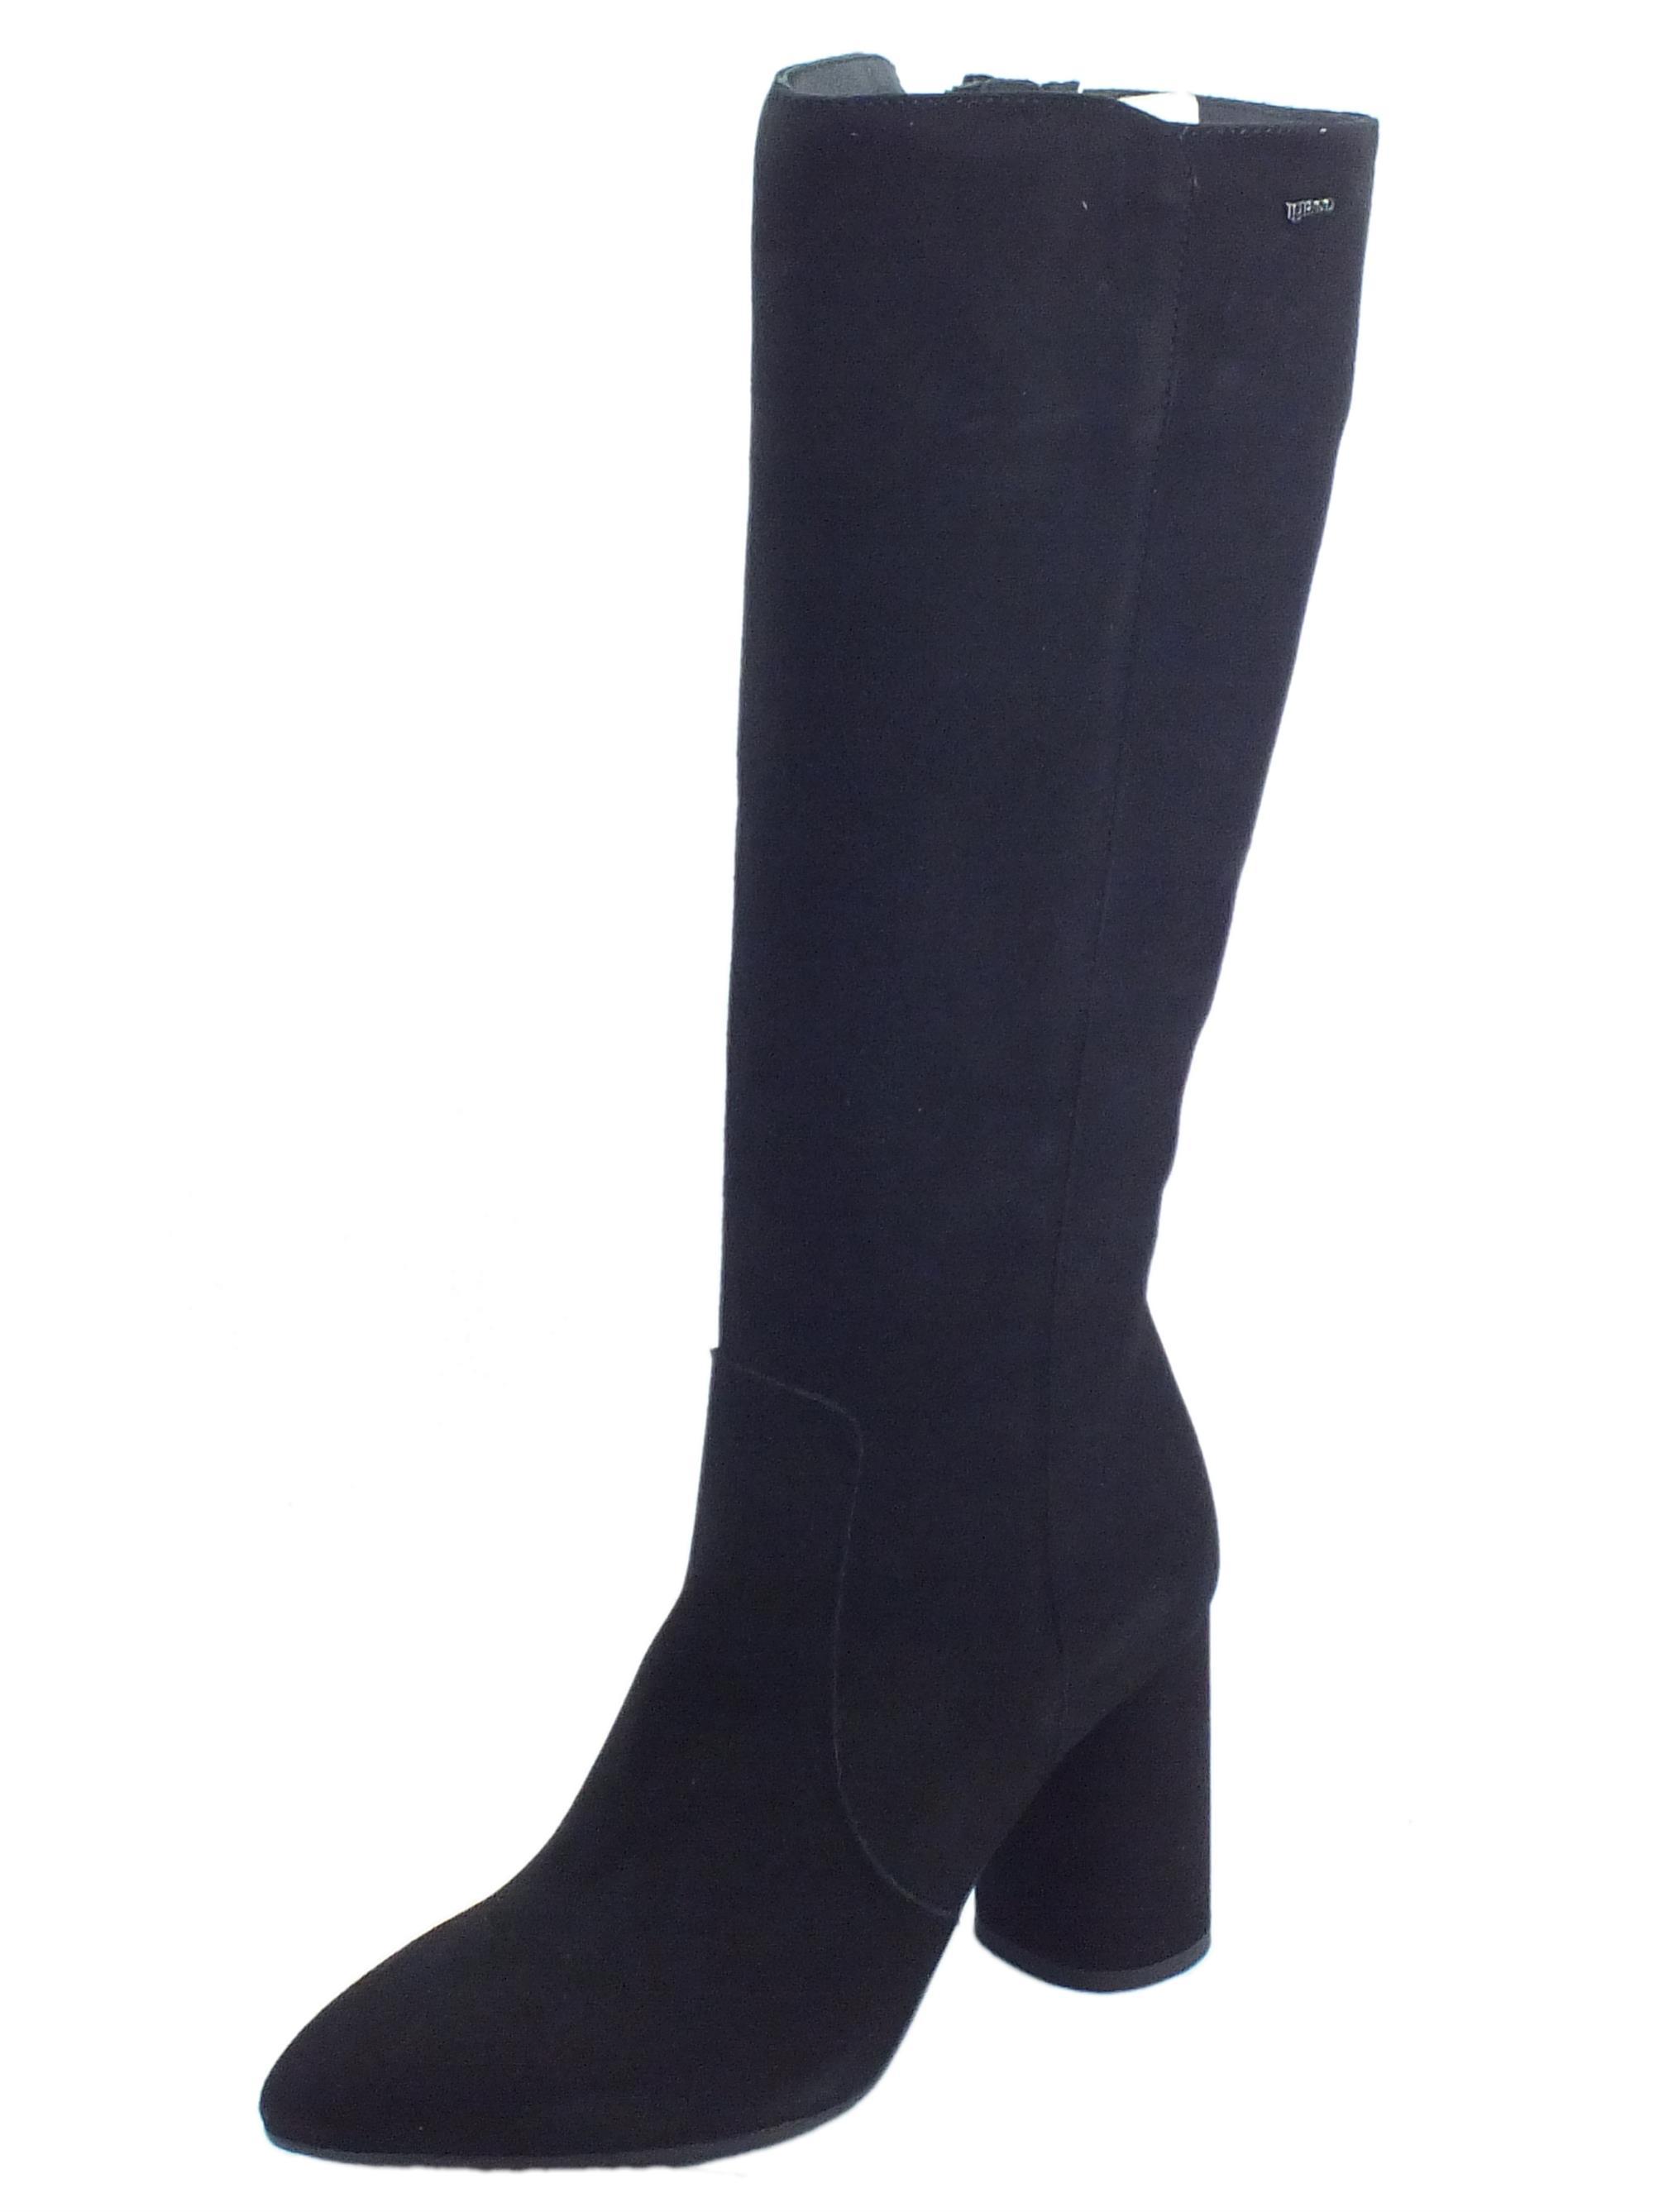 Stivali donna in camoscio